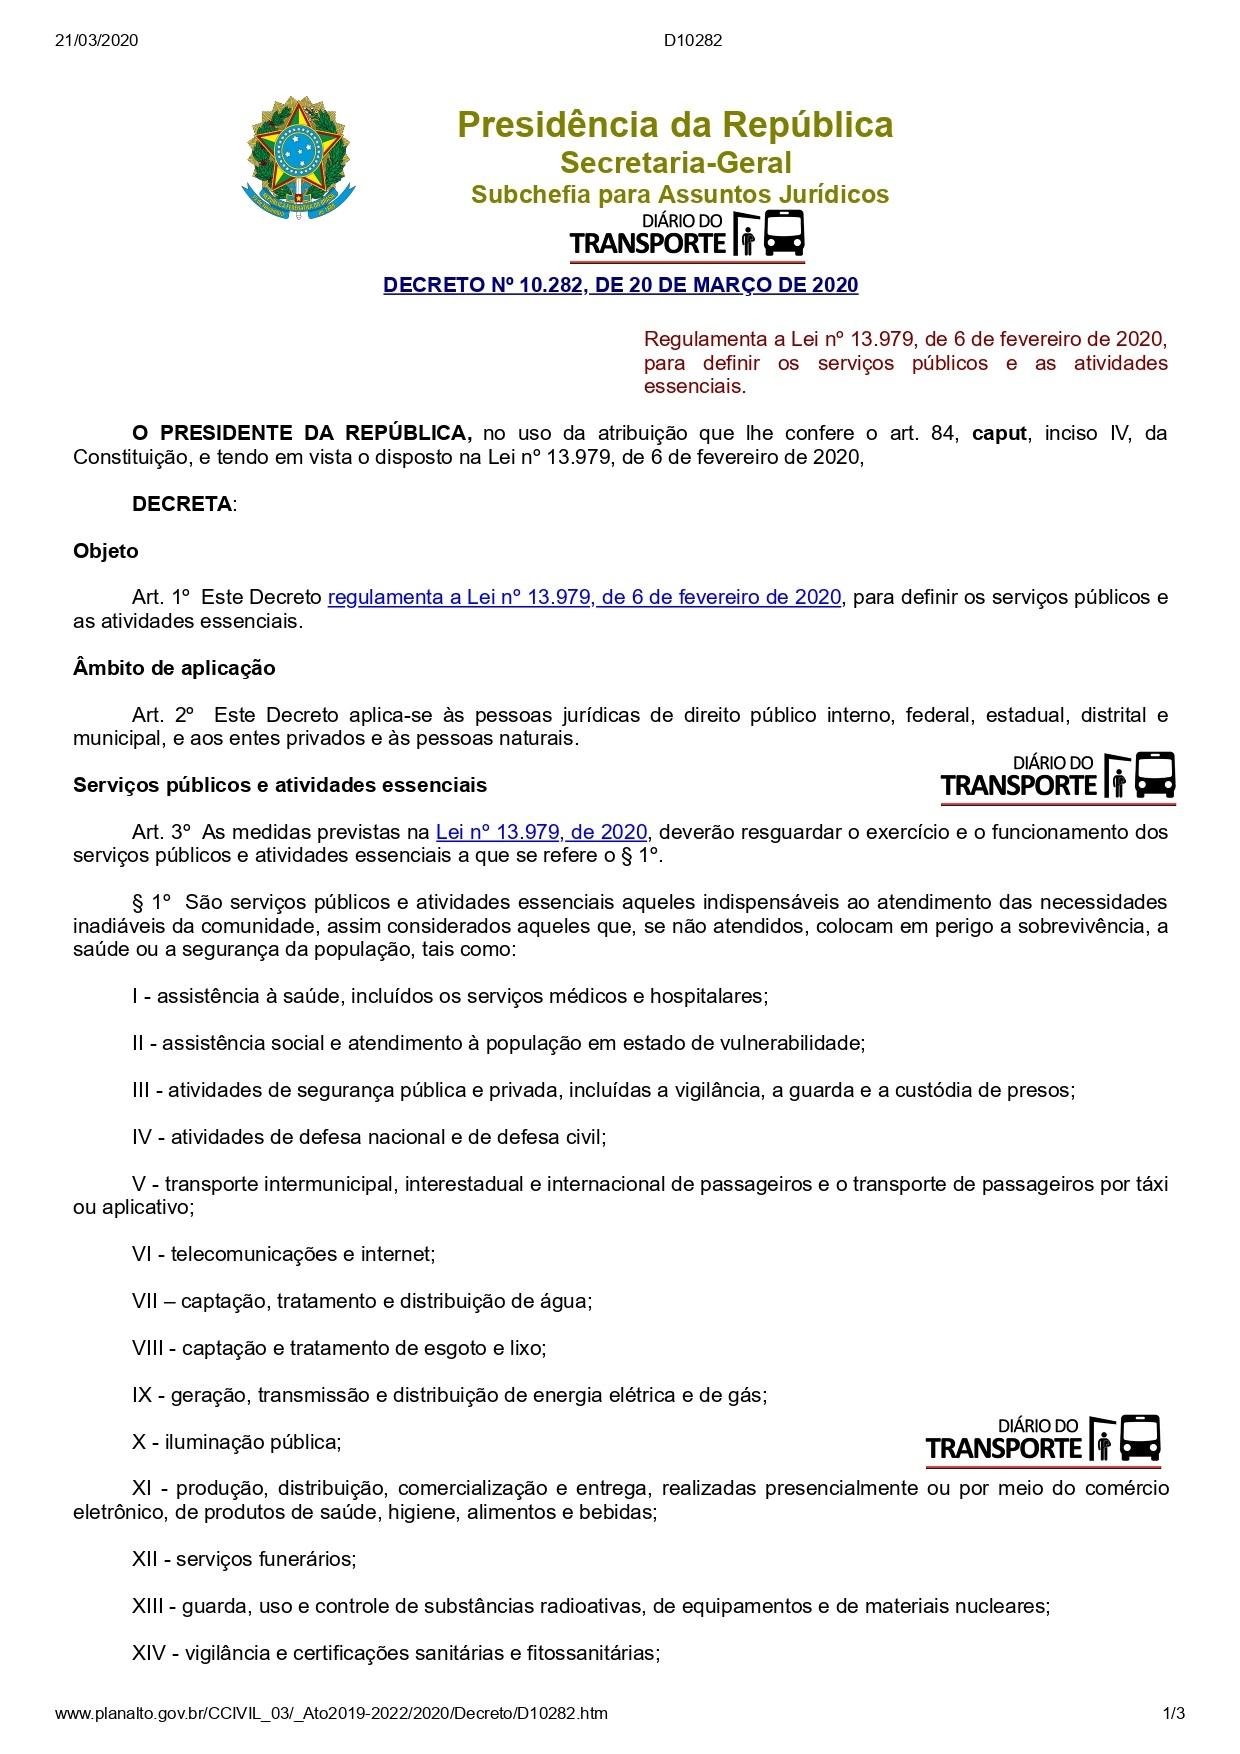 decreto_essecial_01